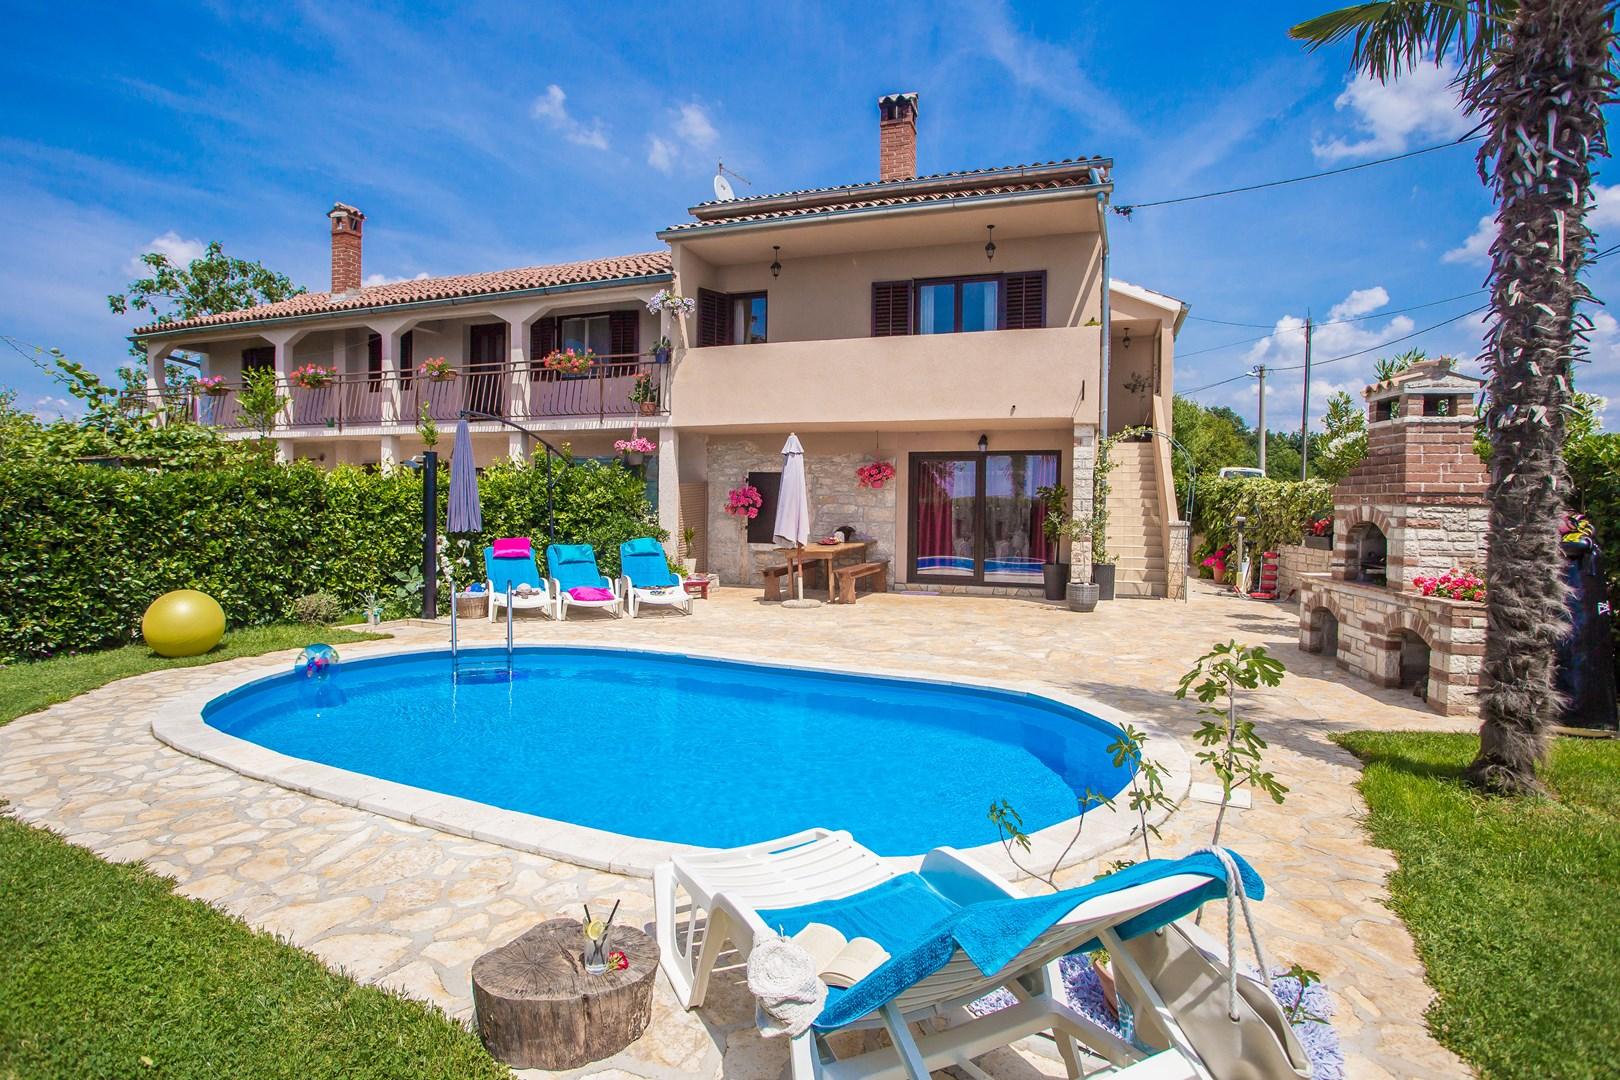 Ferienhaus Marinela mit privatem Pool (1412599), Kanfanar, , Istrien, Kroatien, Bild 6